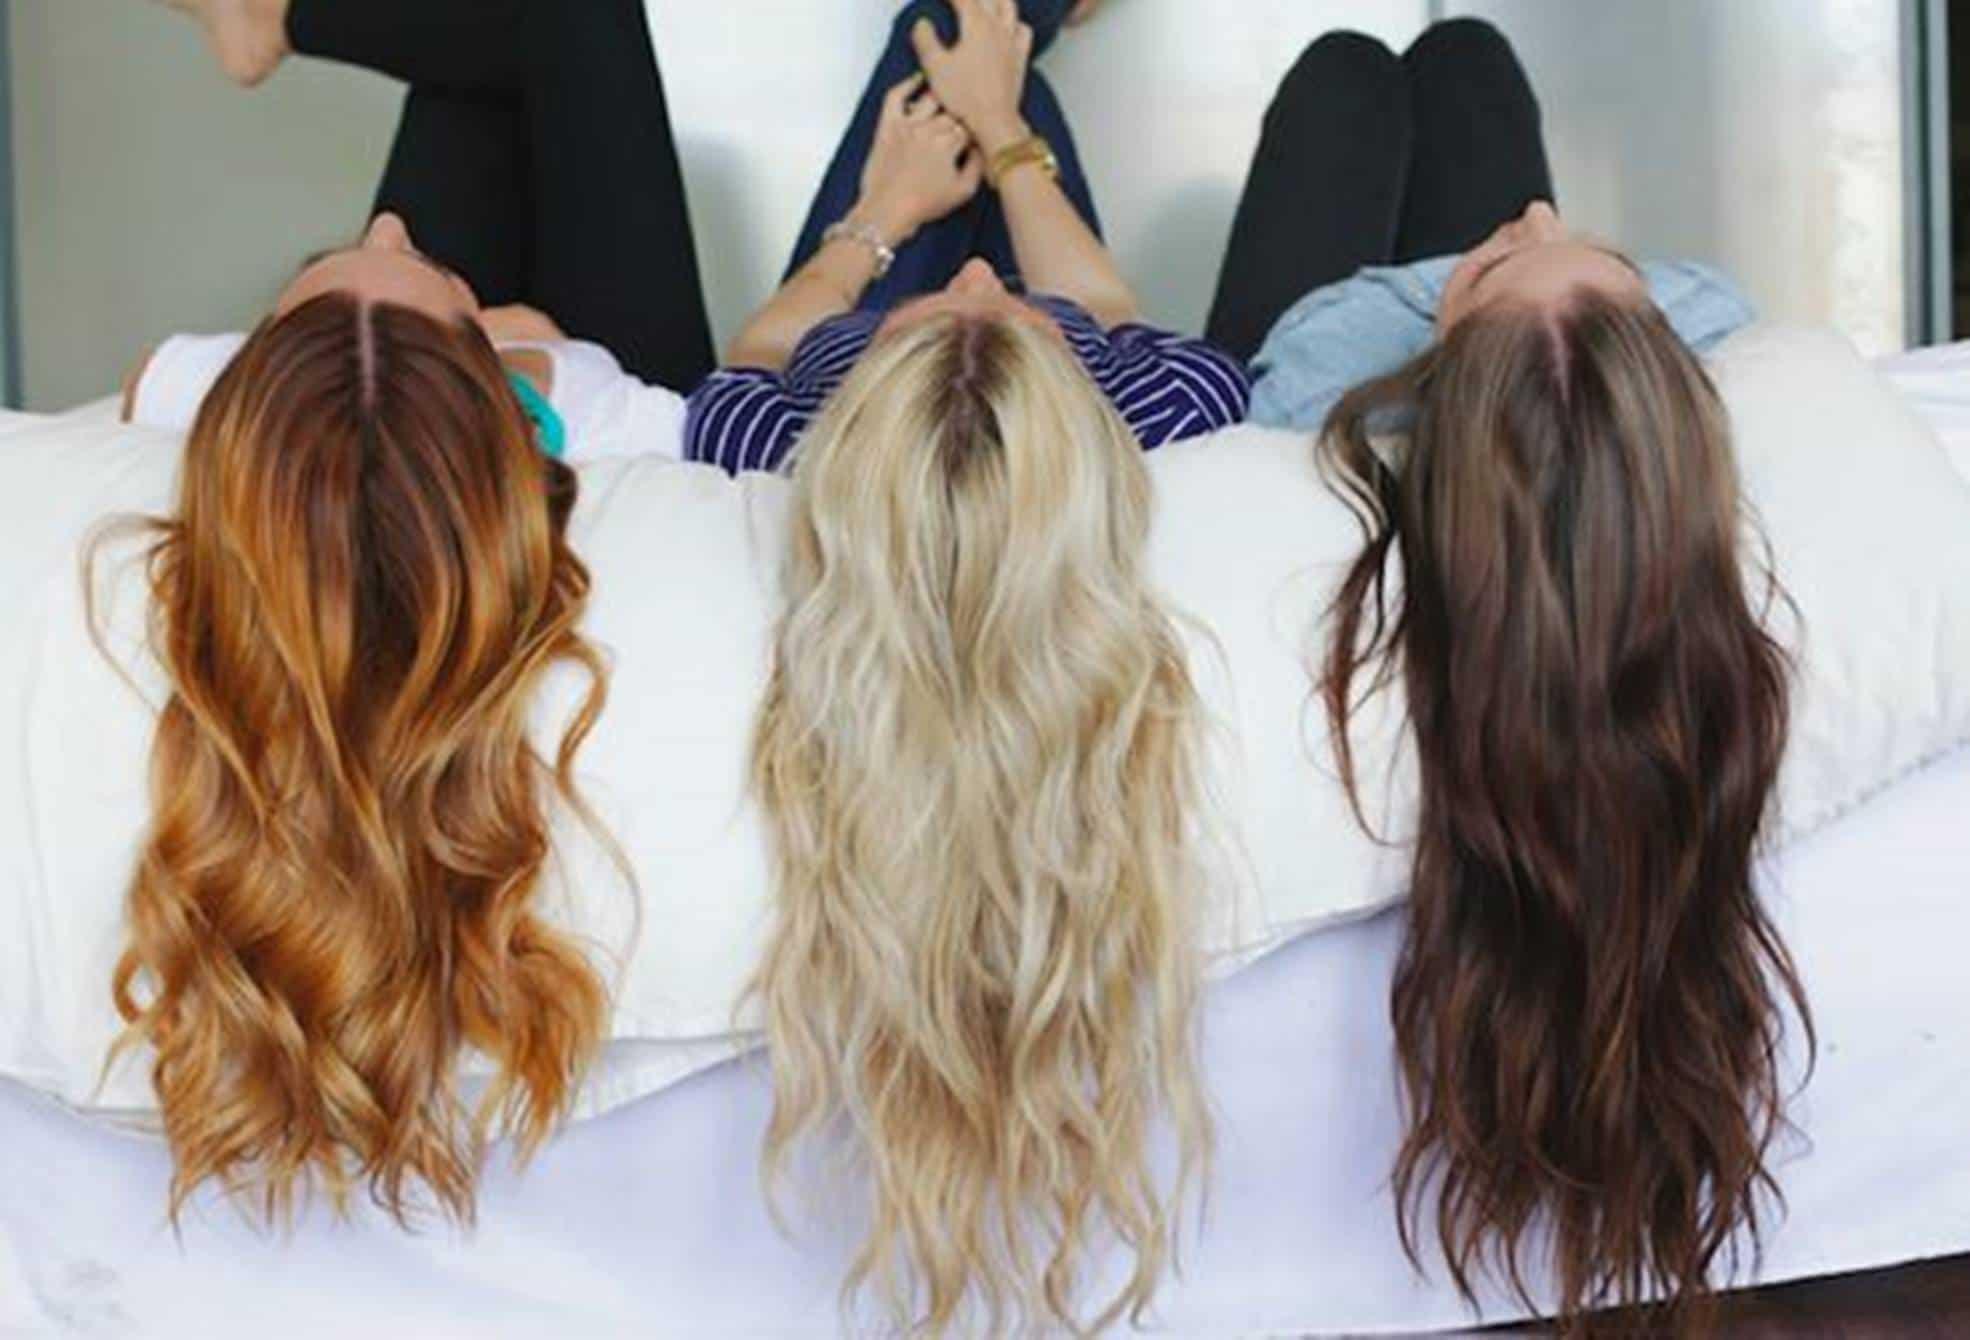 Como mudar a cor do cabelo sem produtos químicos?